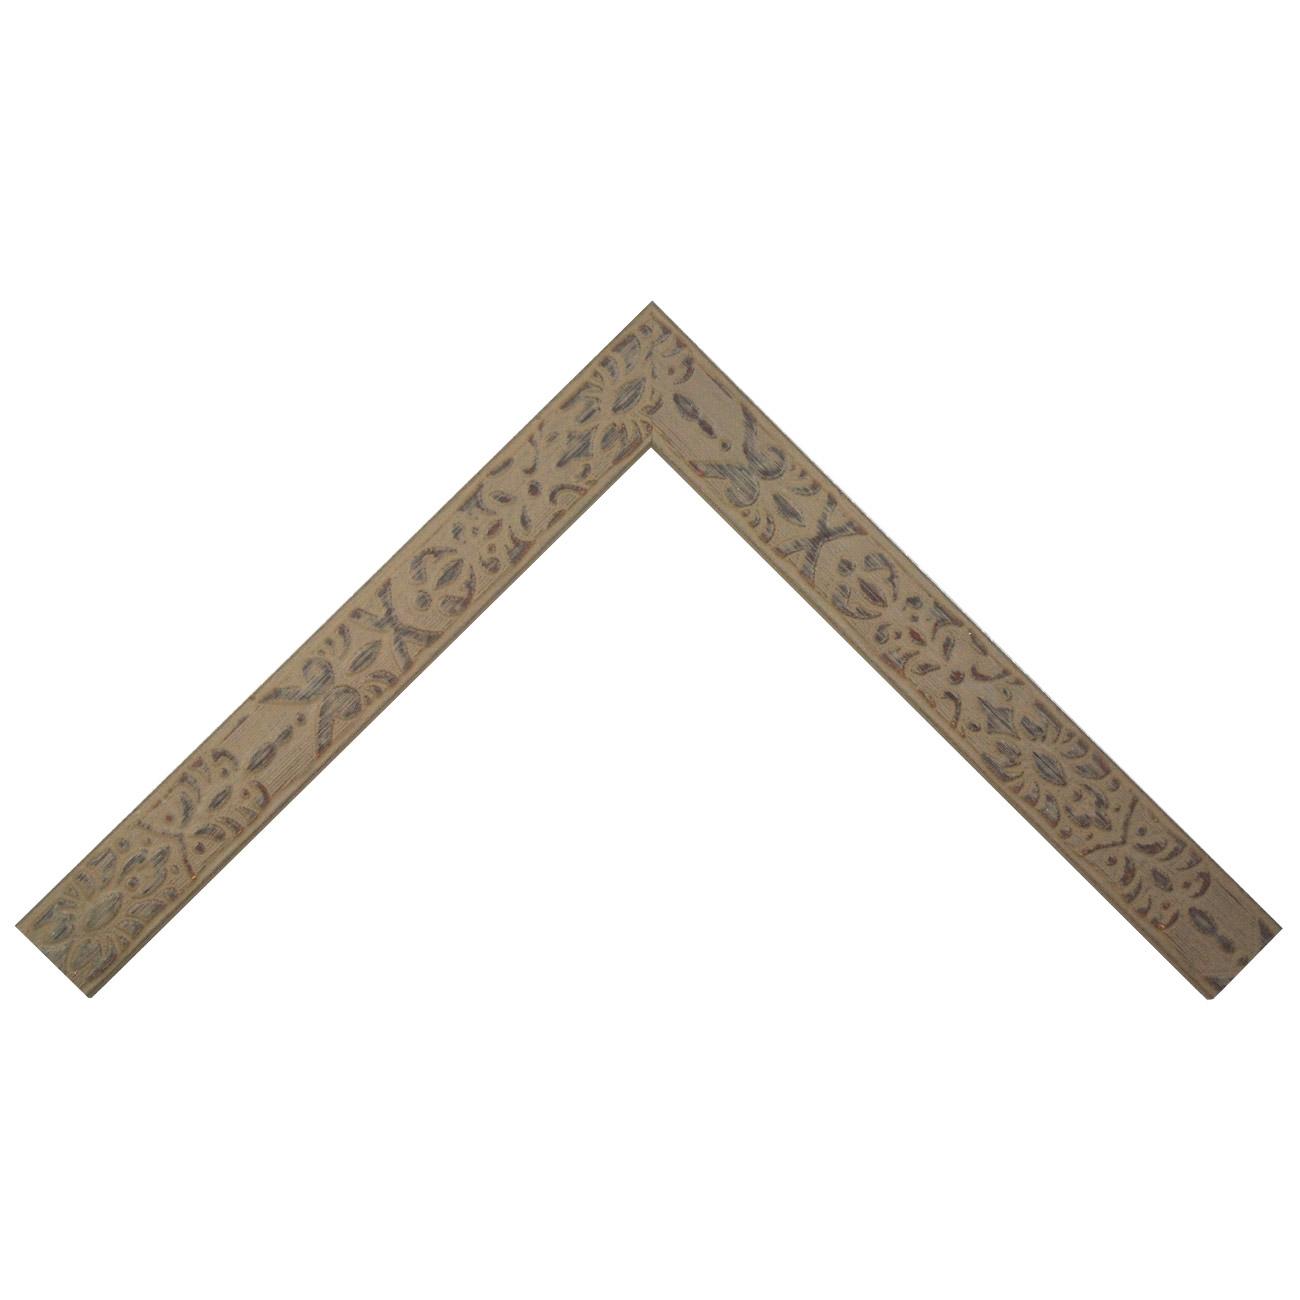 Baguette bois profil plat largeur 4cm couleur terre décapé décor frise en relief